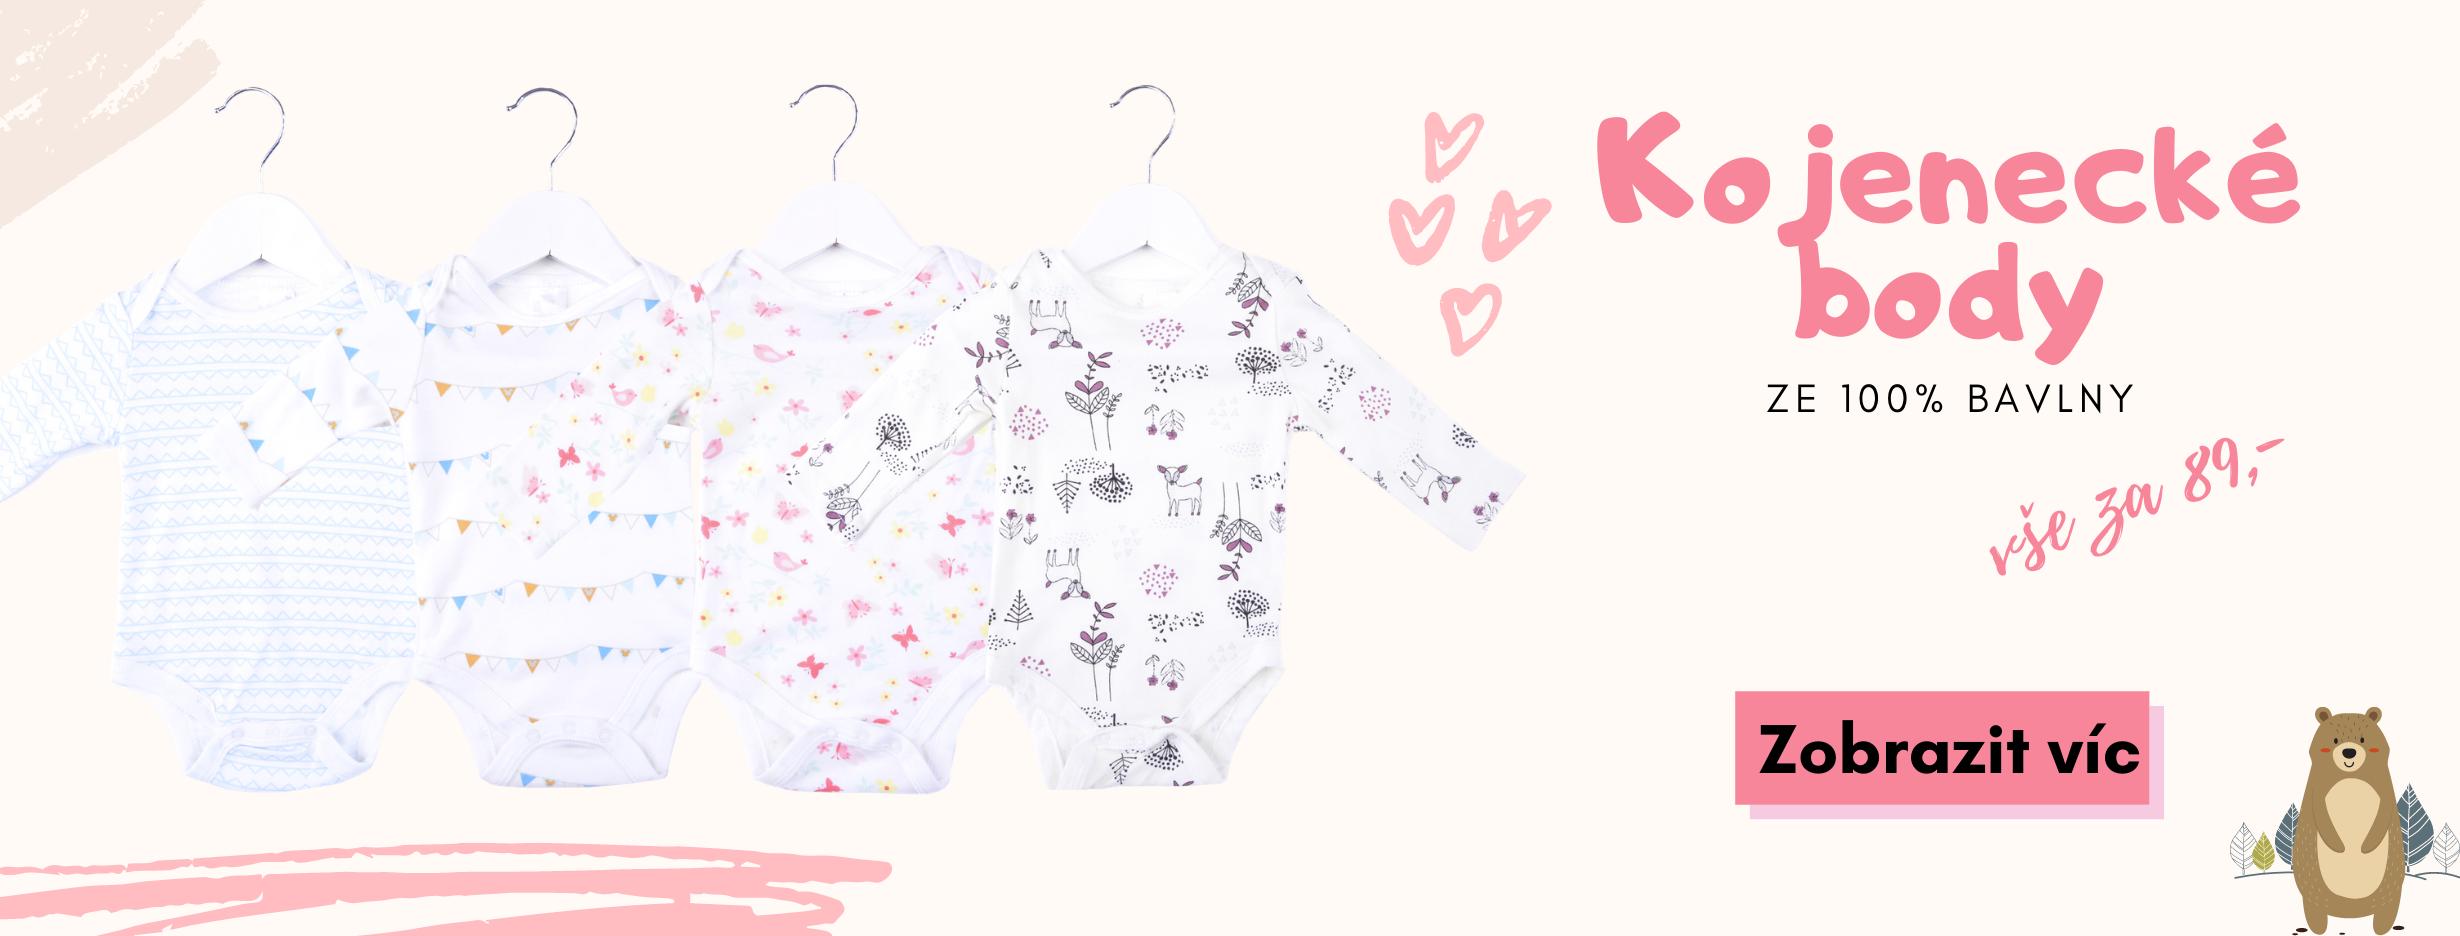 Bavlněné kojenecké body, vše za 89 kč, ze 100% bavlny